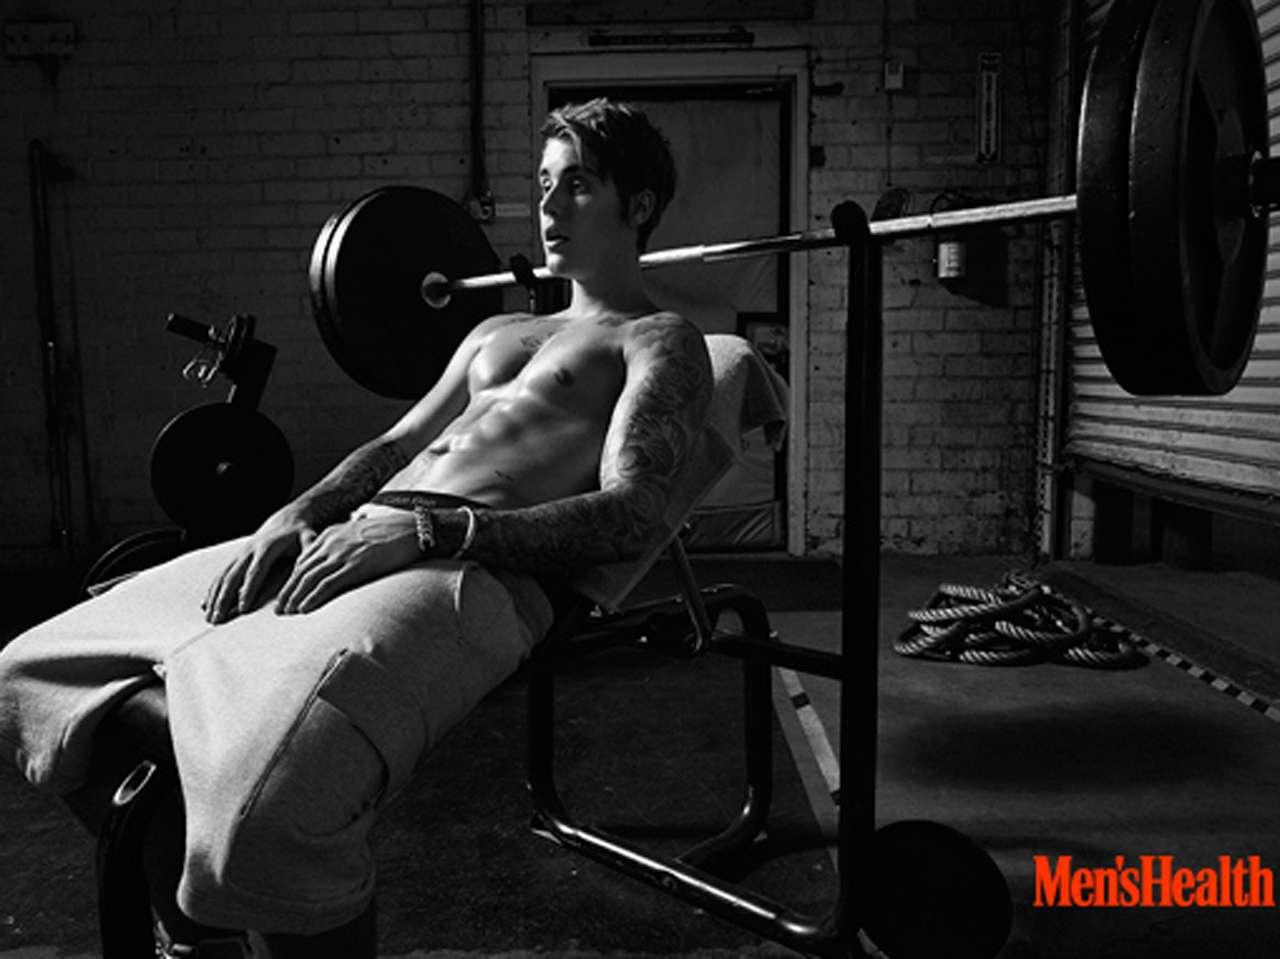 Justin Bieber se reinventó para aparecer en la portada de la revista dedicada a los hombres. Foto: Men's Health